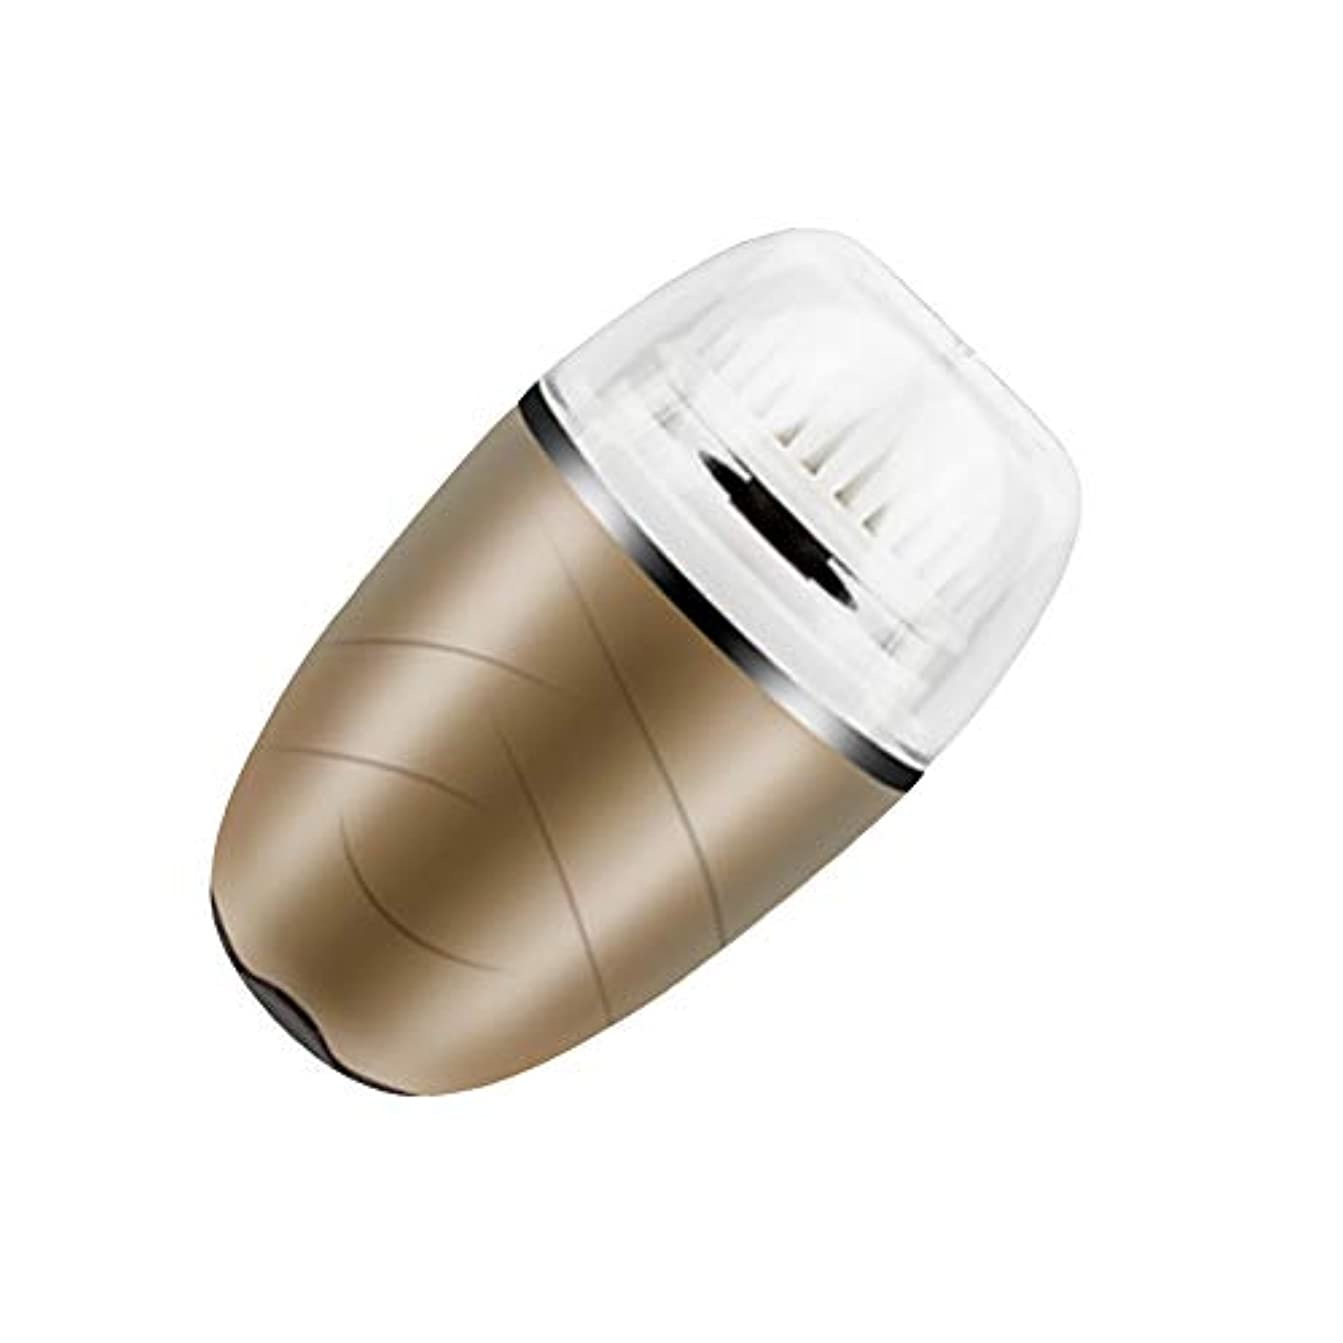 もの暴行収束する洗顔ブラシ、電動ソニックフェイスブラシ振動顔クレンジングシステム防水ブラシにきびエクスフォリエーター USB 充電式,Gold